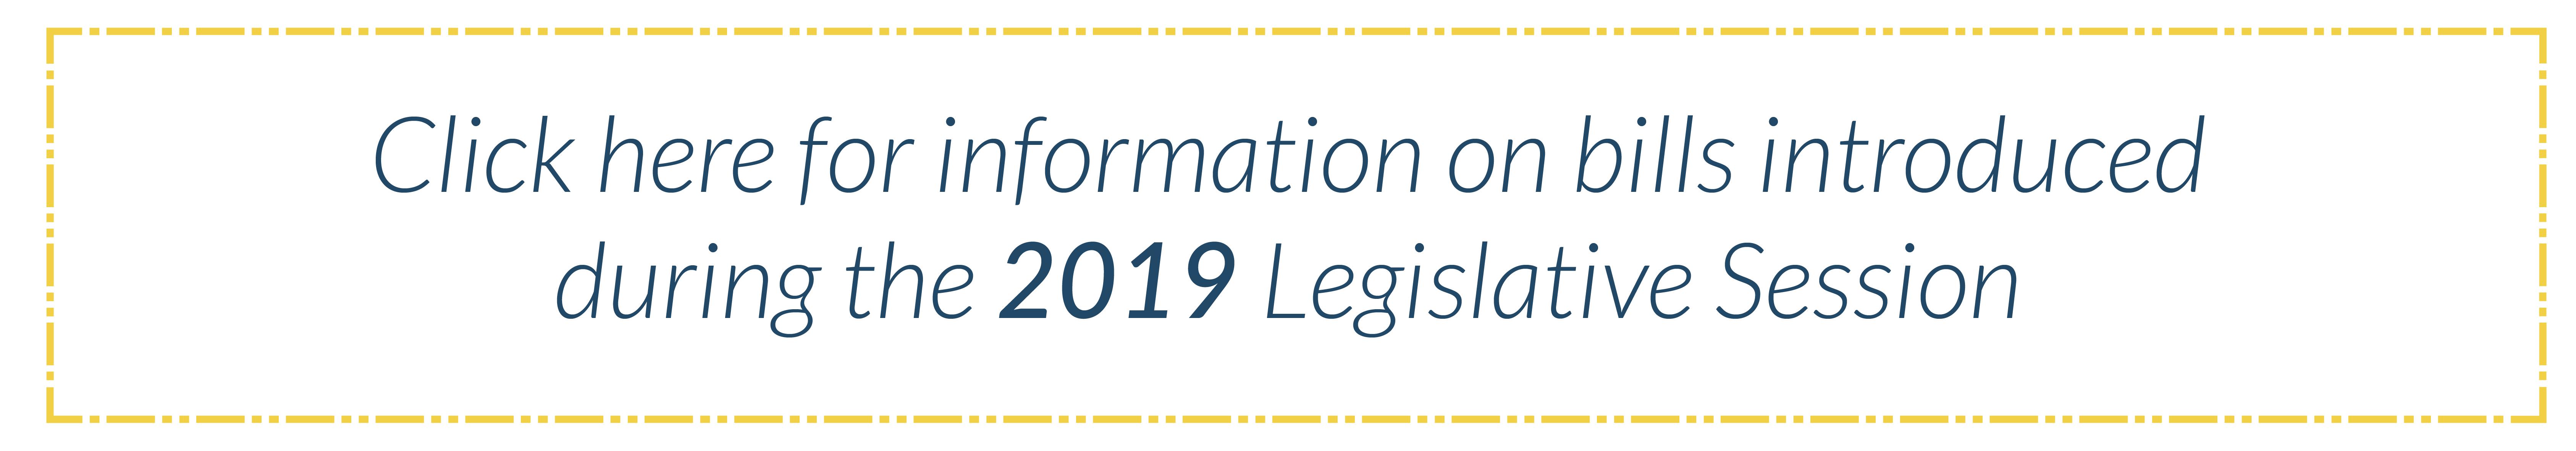 2019 Bills